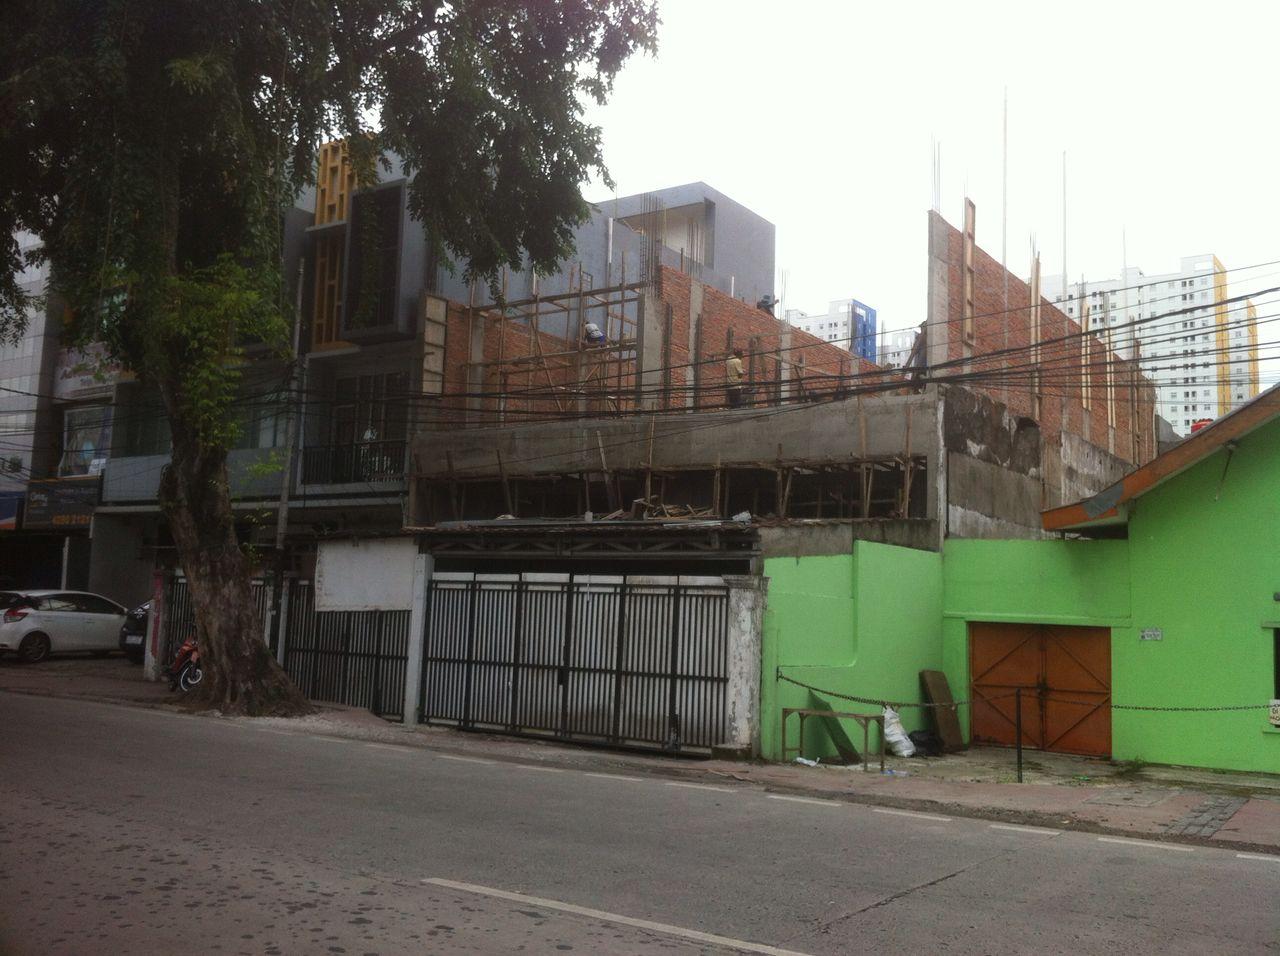 Pembangunan Bermasalah di Wilayah Jakpus Meningkat, Tim Inspektorat dan Saber Pungli Dinilai Tak Berfungsi